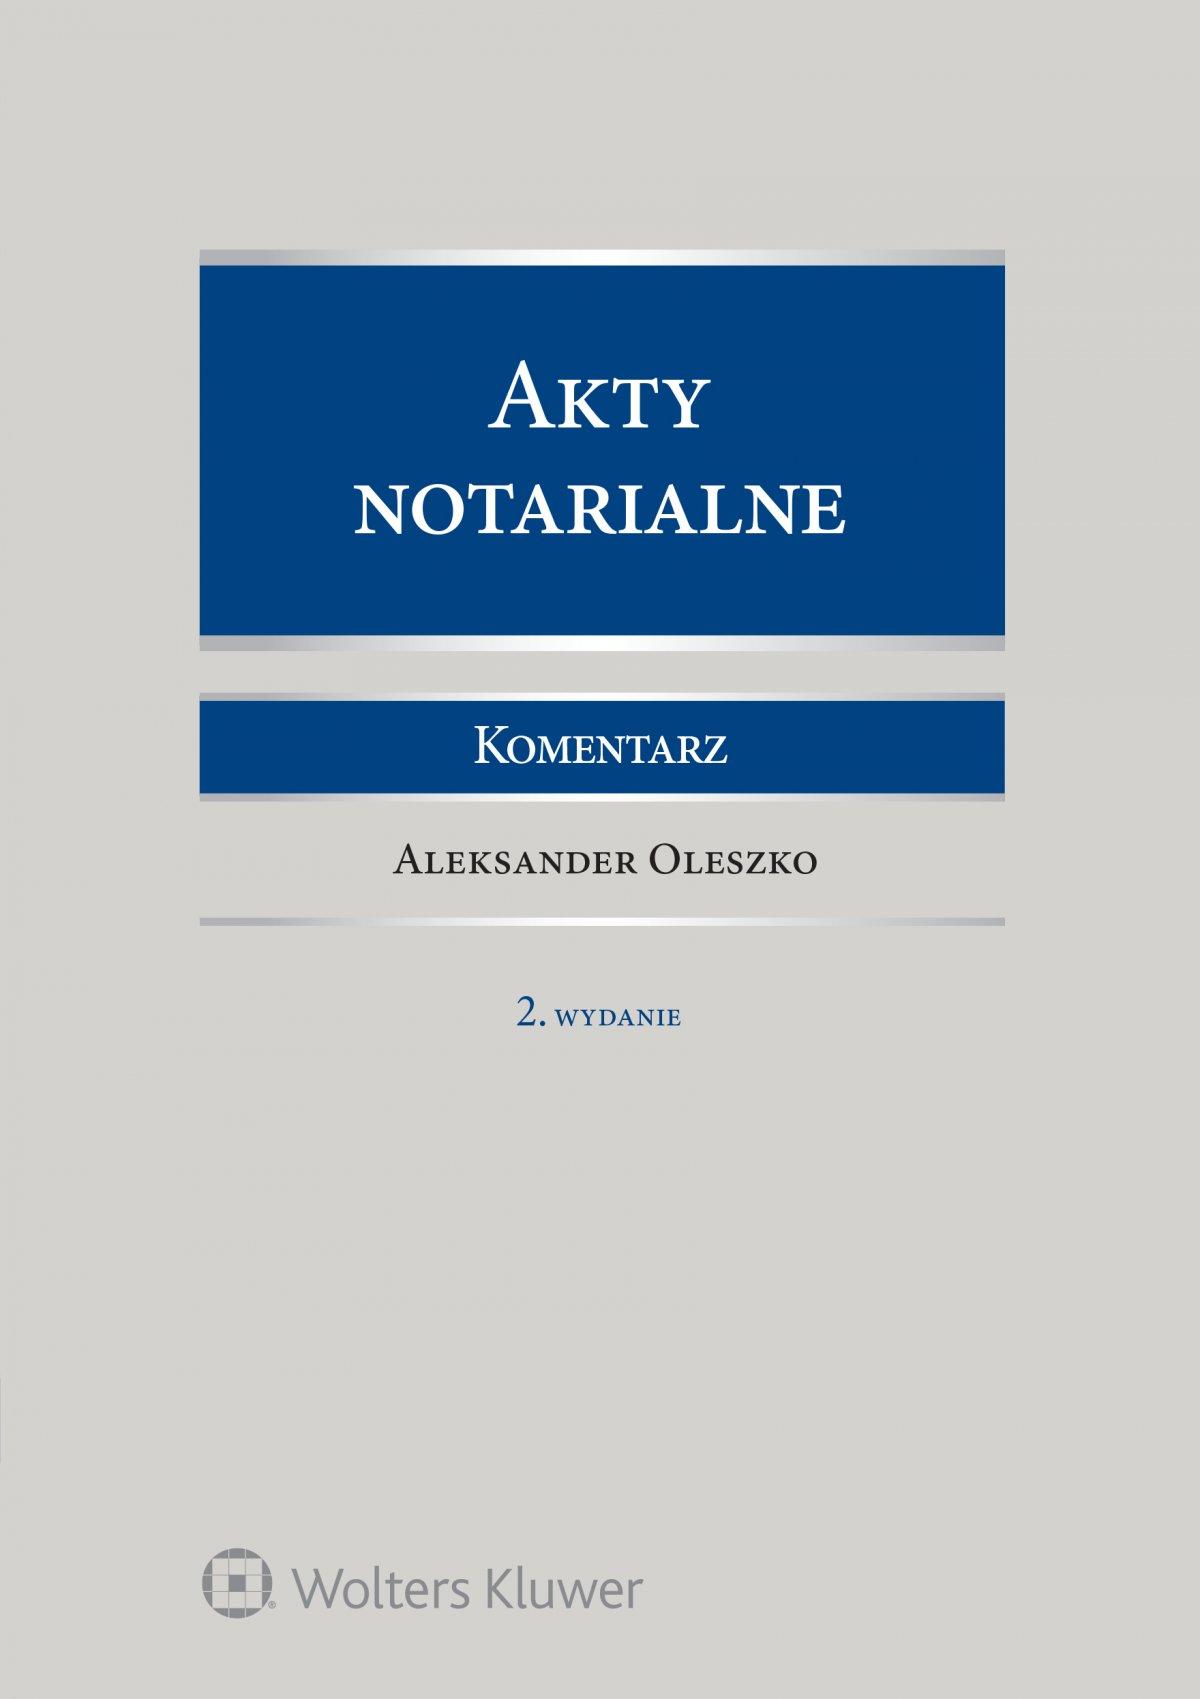 Akty notarialne. Komentarz. Wydanie 2 - Ebook (Książka EPUB) do pobrania w formacie EPUB